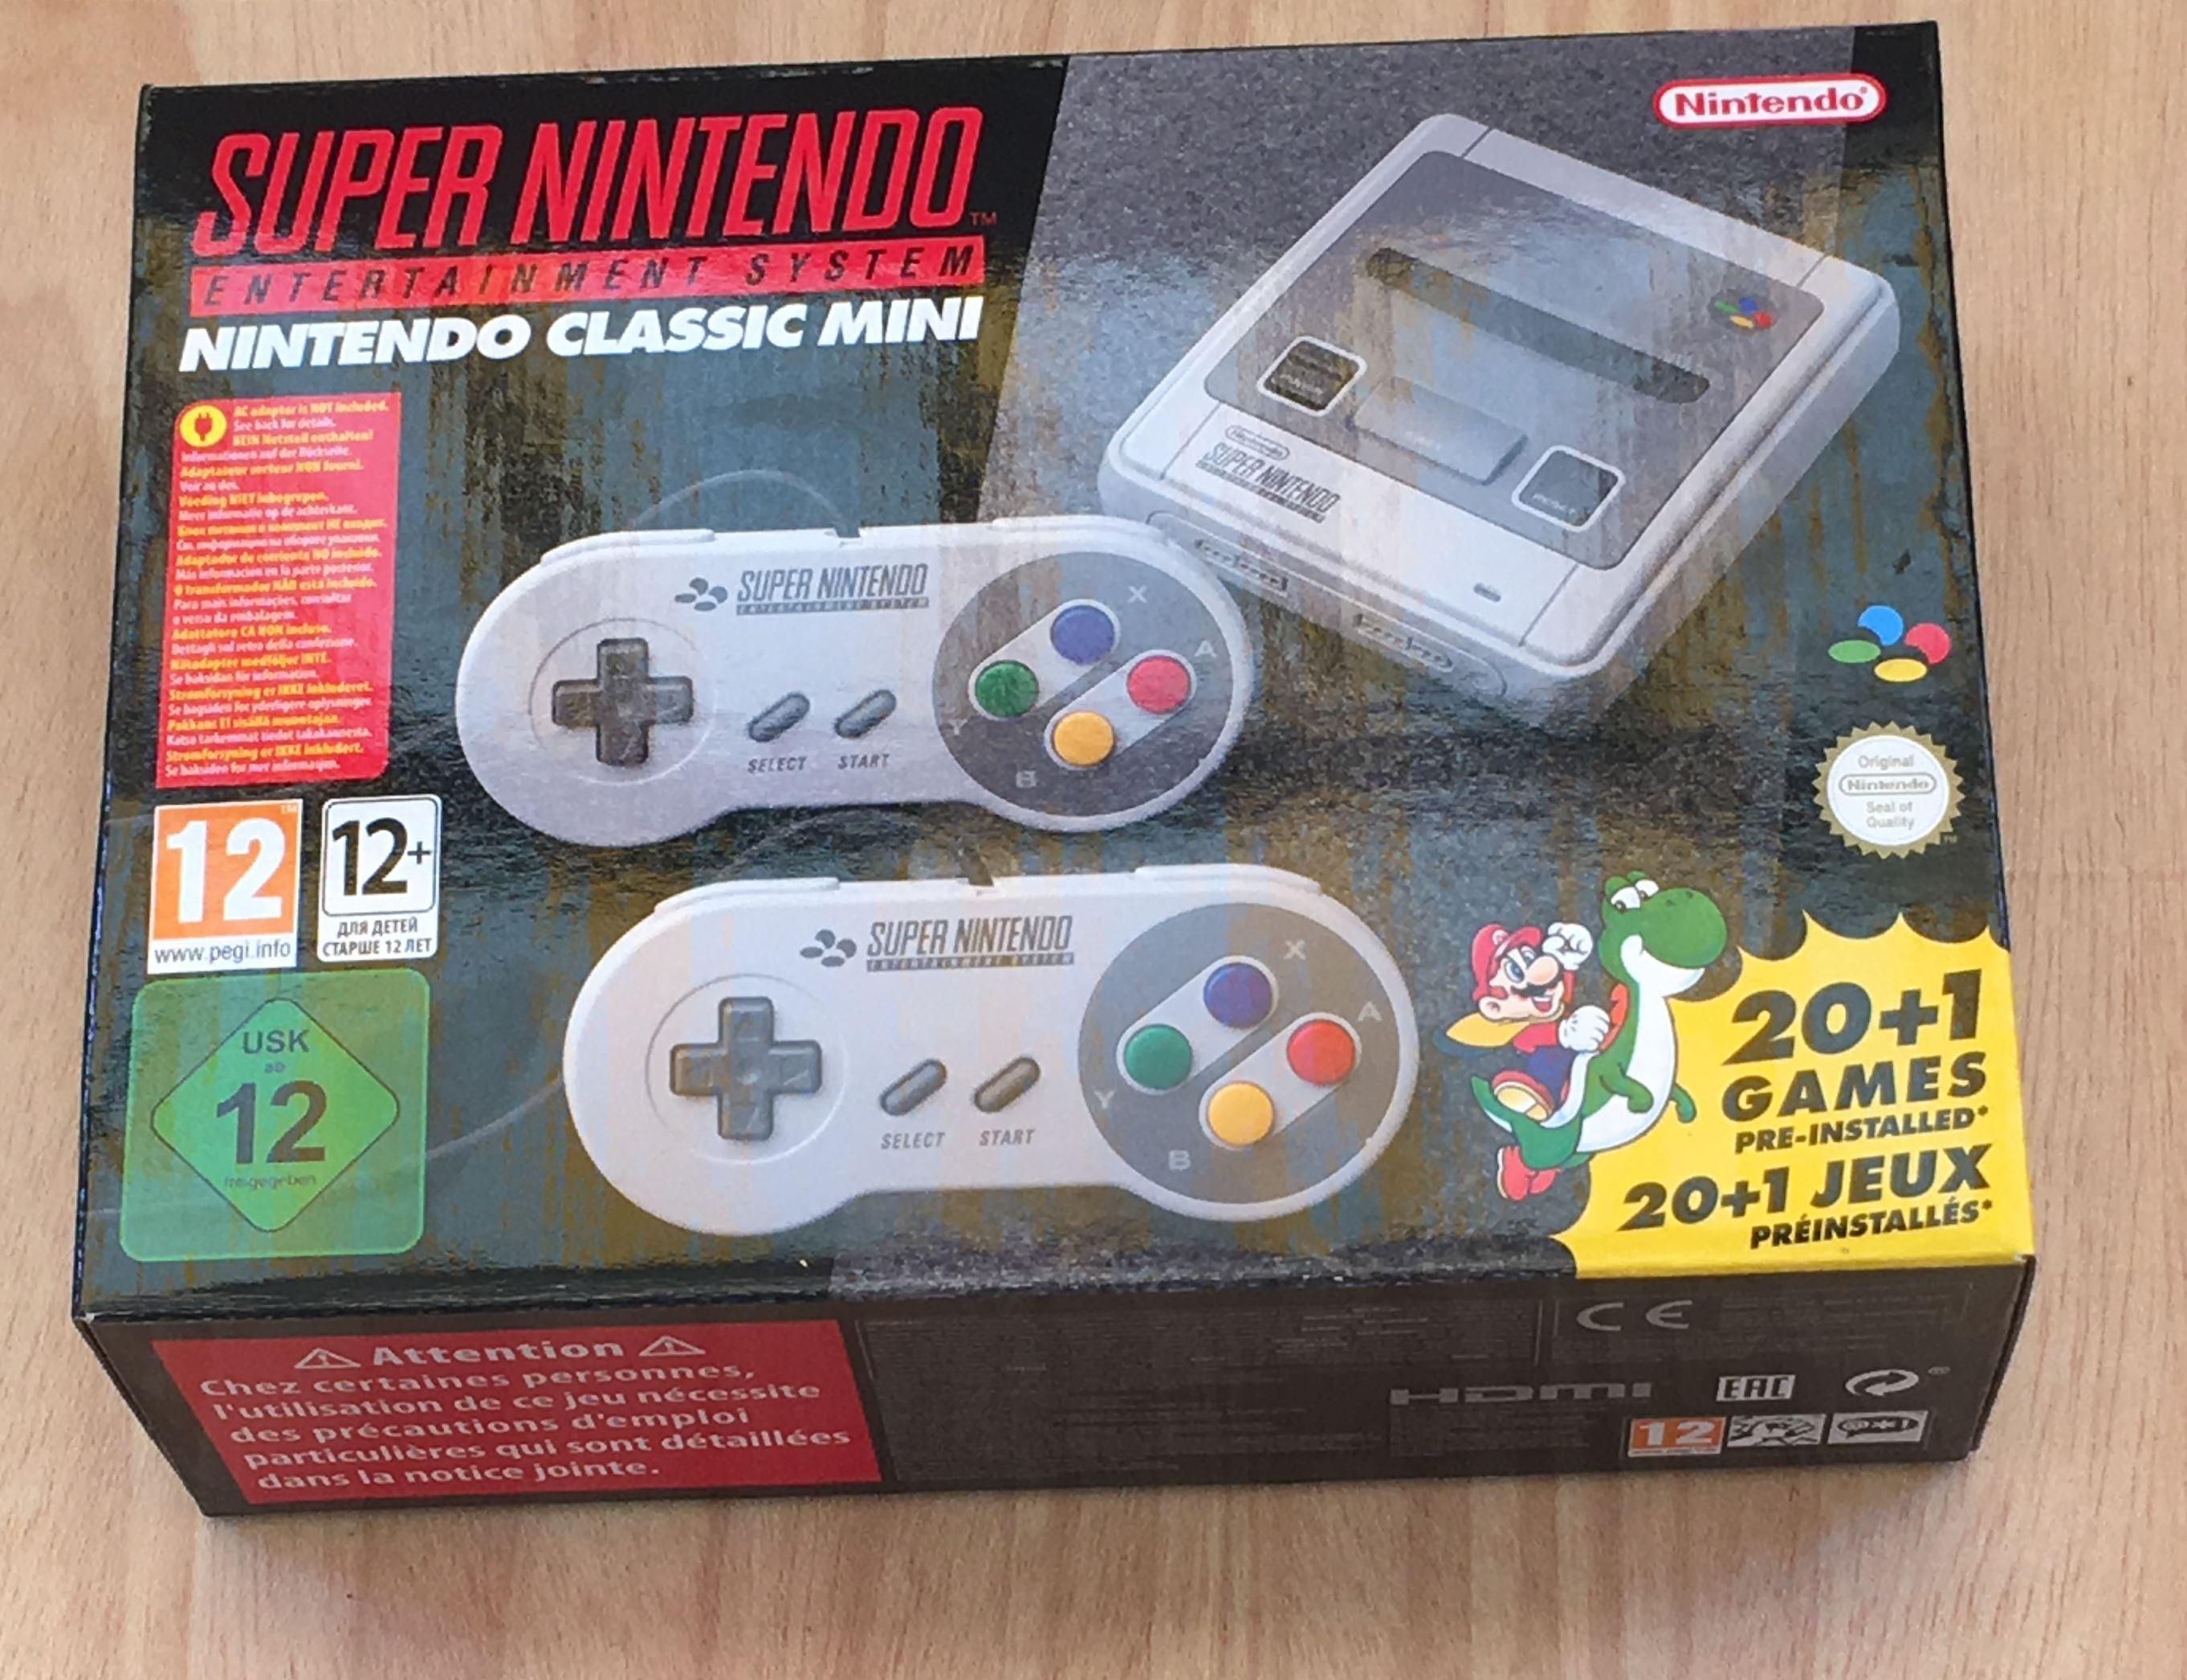 62978decf927a ... Игры и игровые приставки. На Geektimes частенько публикуются материалы  о ретроконсолях вроде NES, SNES и всех прочих. Это не удивительно,  поскольку ...